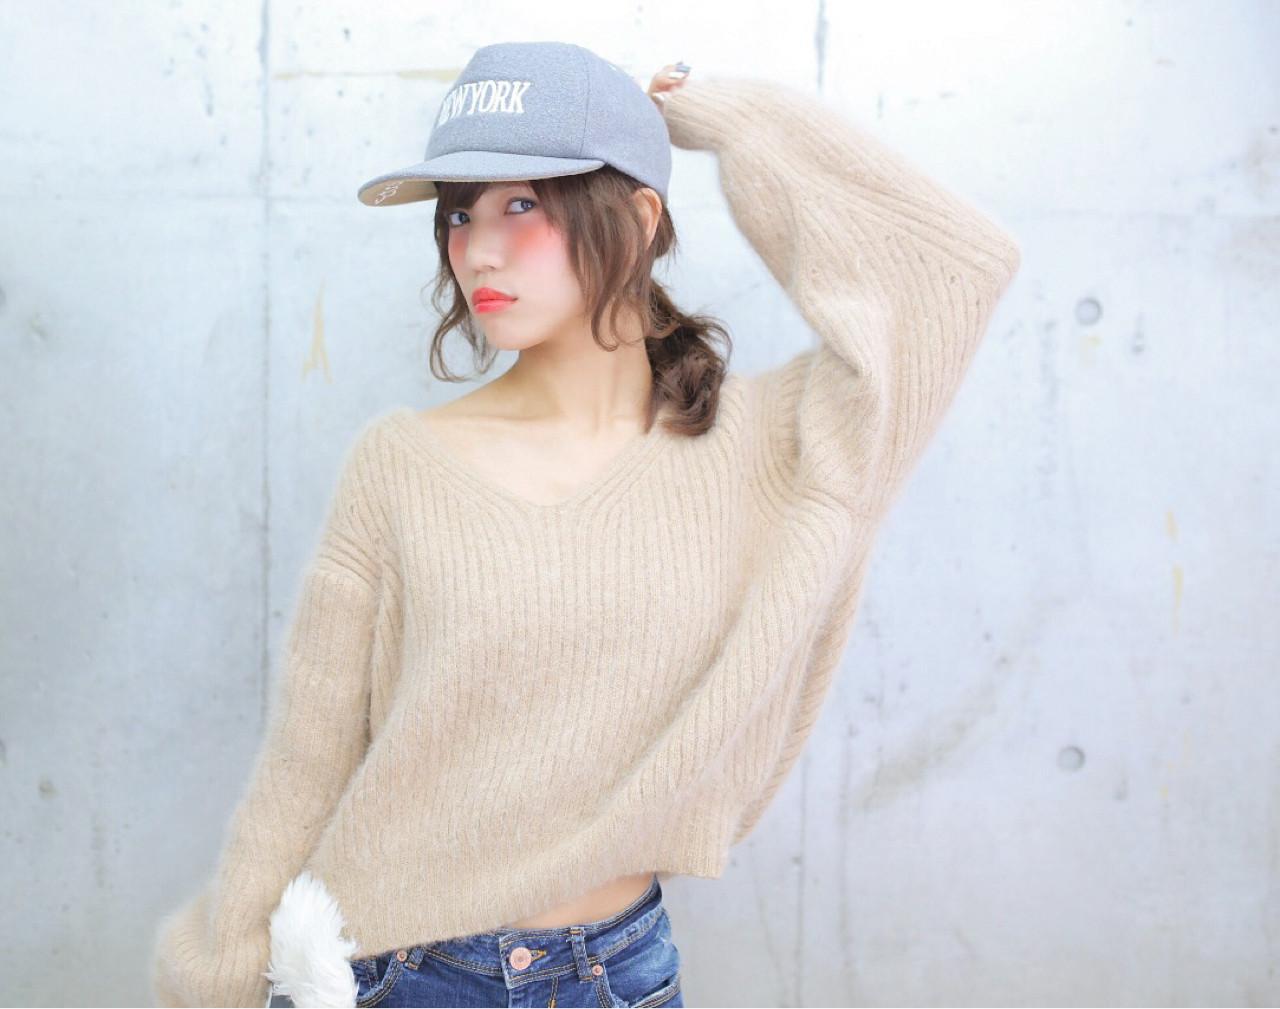 音楽フェスの必需品!帽子に合わせるおしゃれヘアアレンジ集 高瀬 功二